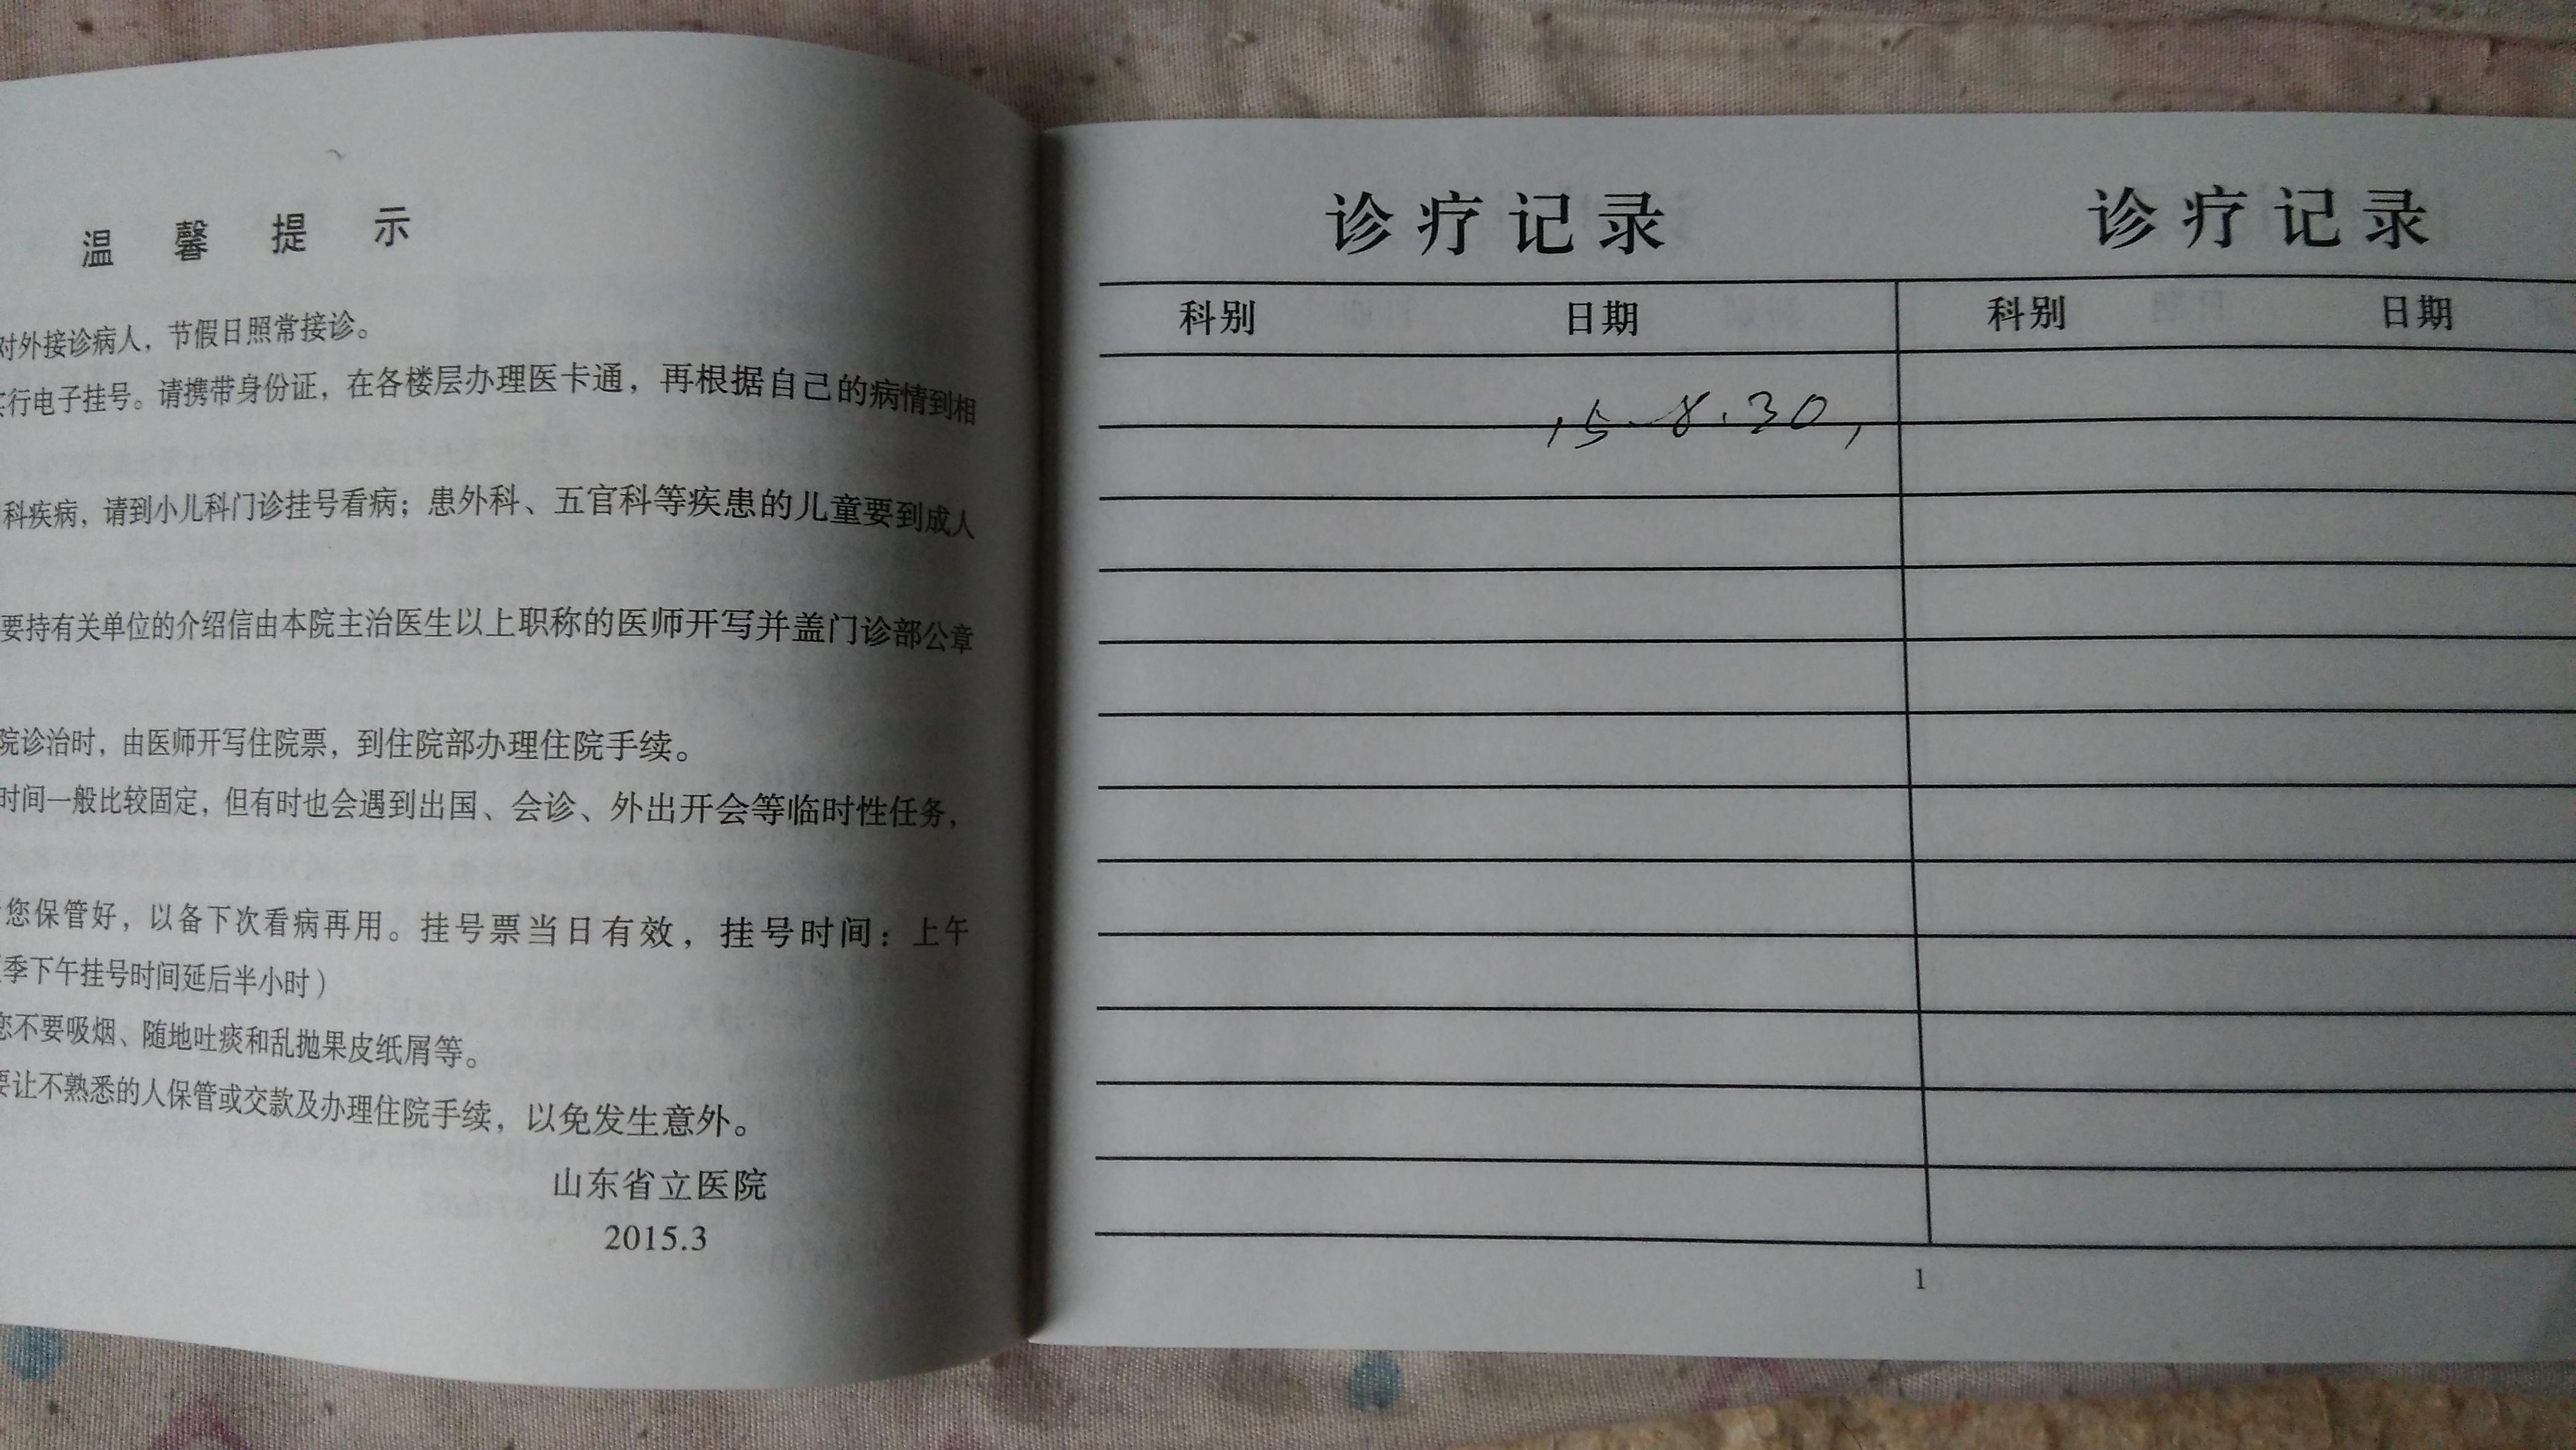 山东省立医院曹主任只写了一个日期-男性健康网